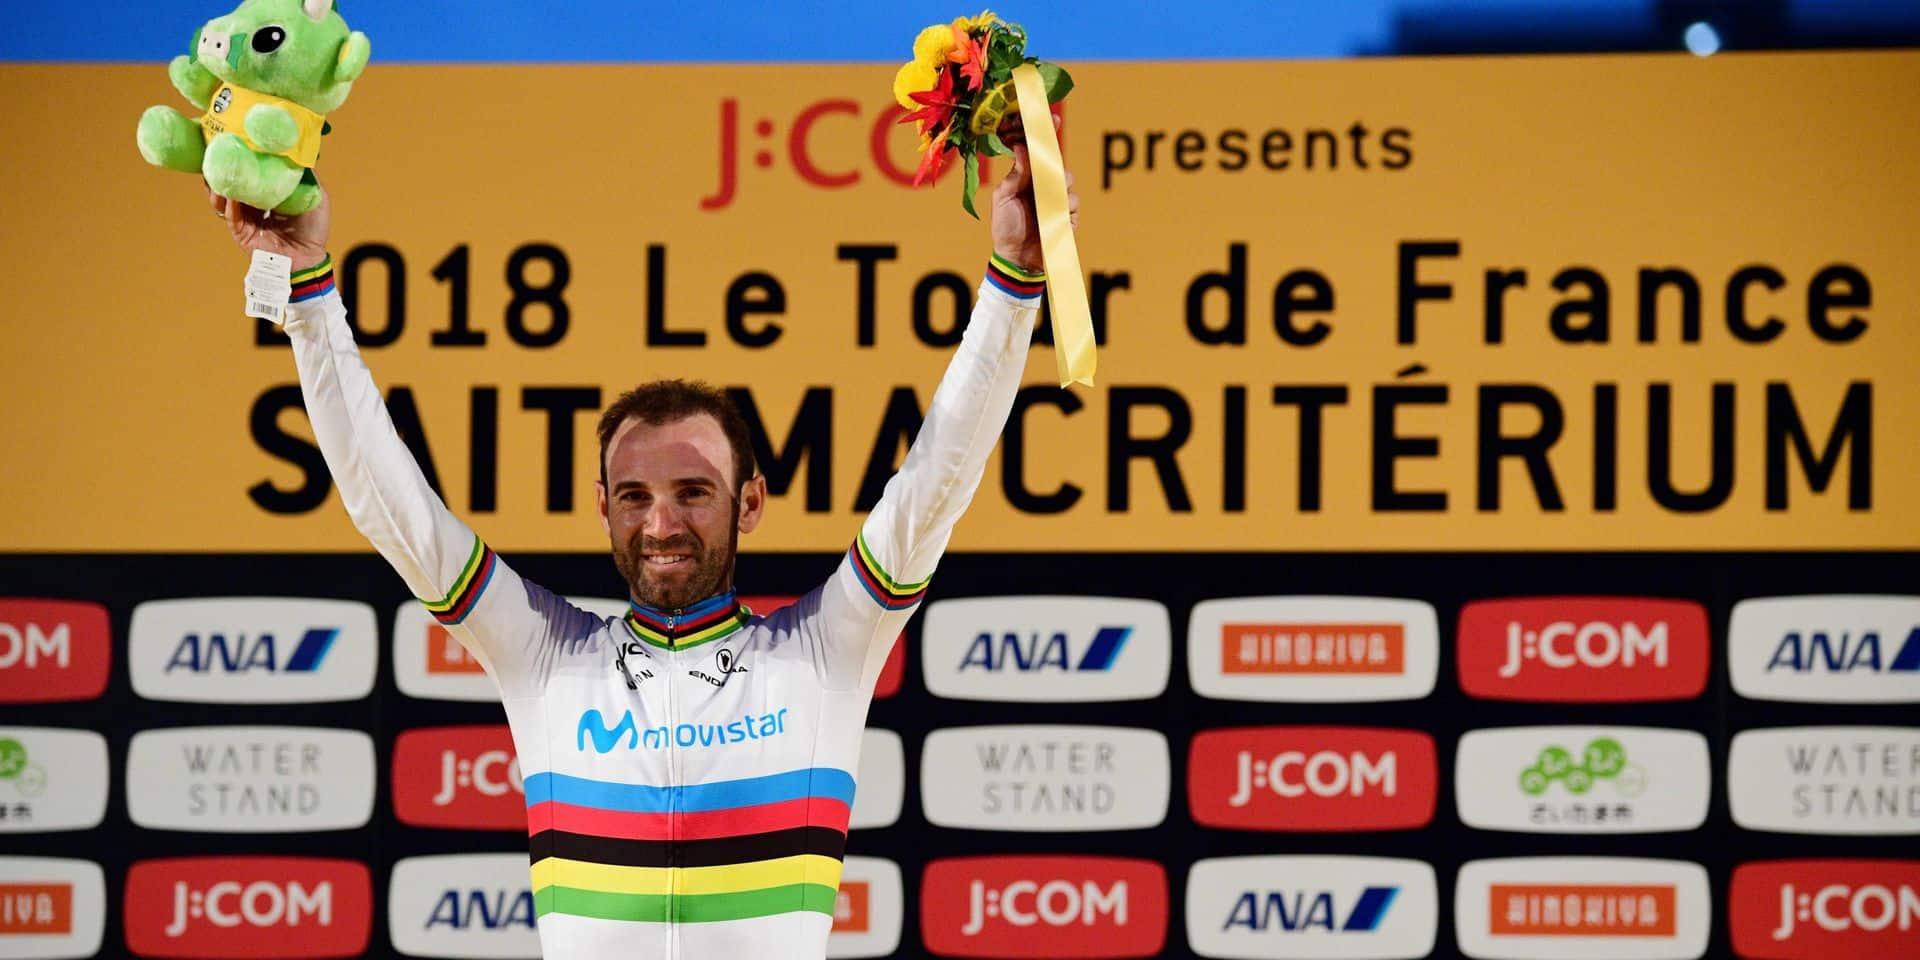 Le champion du monde Alejandro Valverde vainqueur du Critérium de Saitama